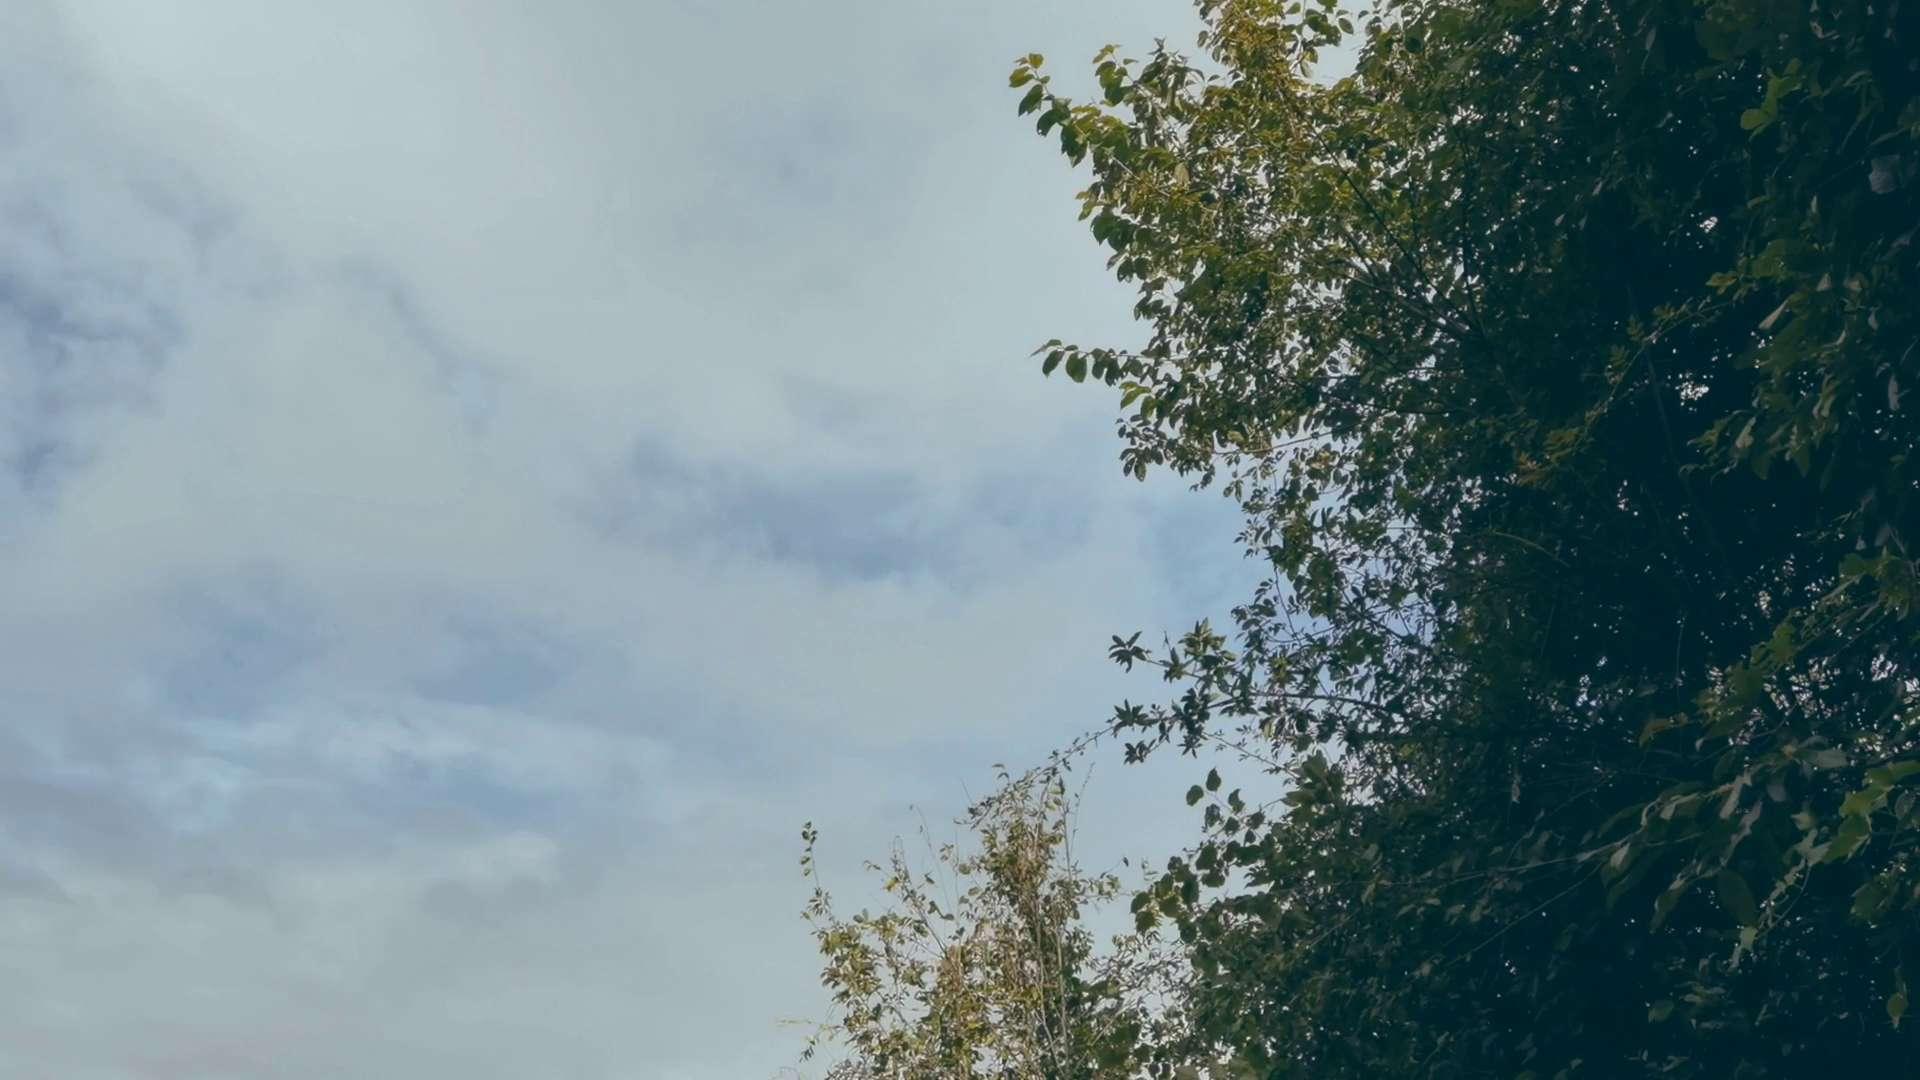 摄影 | 别怀疑!本视频纯手机手持拍摄,雨天这种拍摄手法,还没见过吧!,花粉随手拍-花粉俱乐部